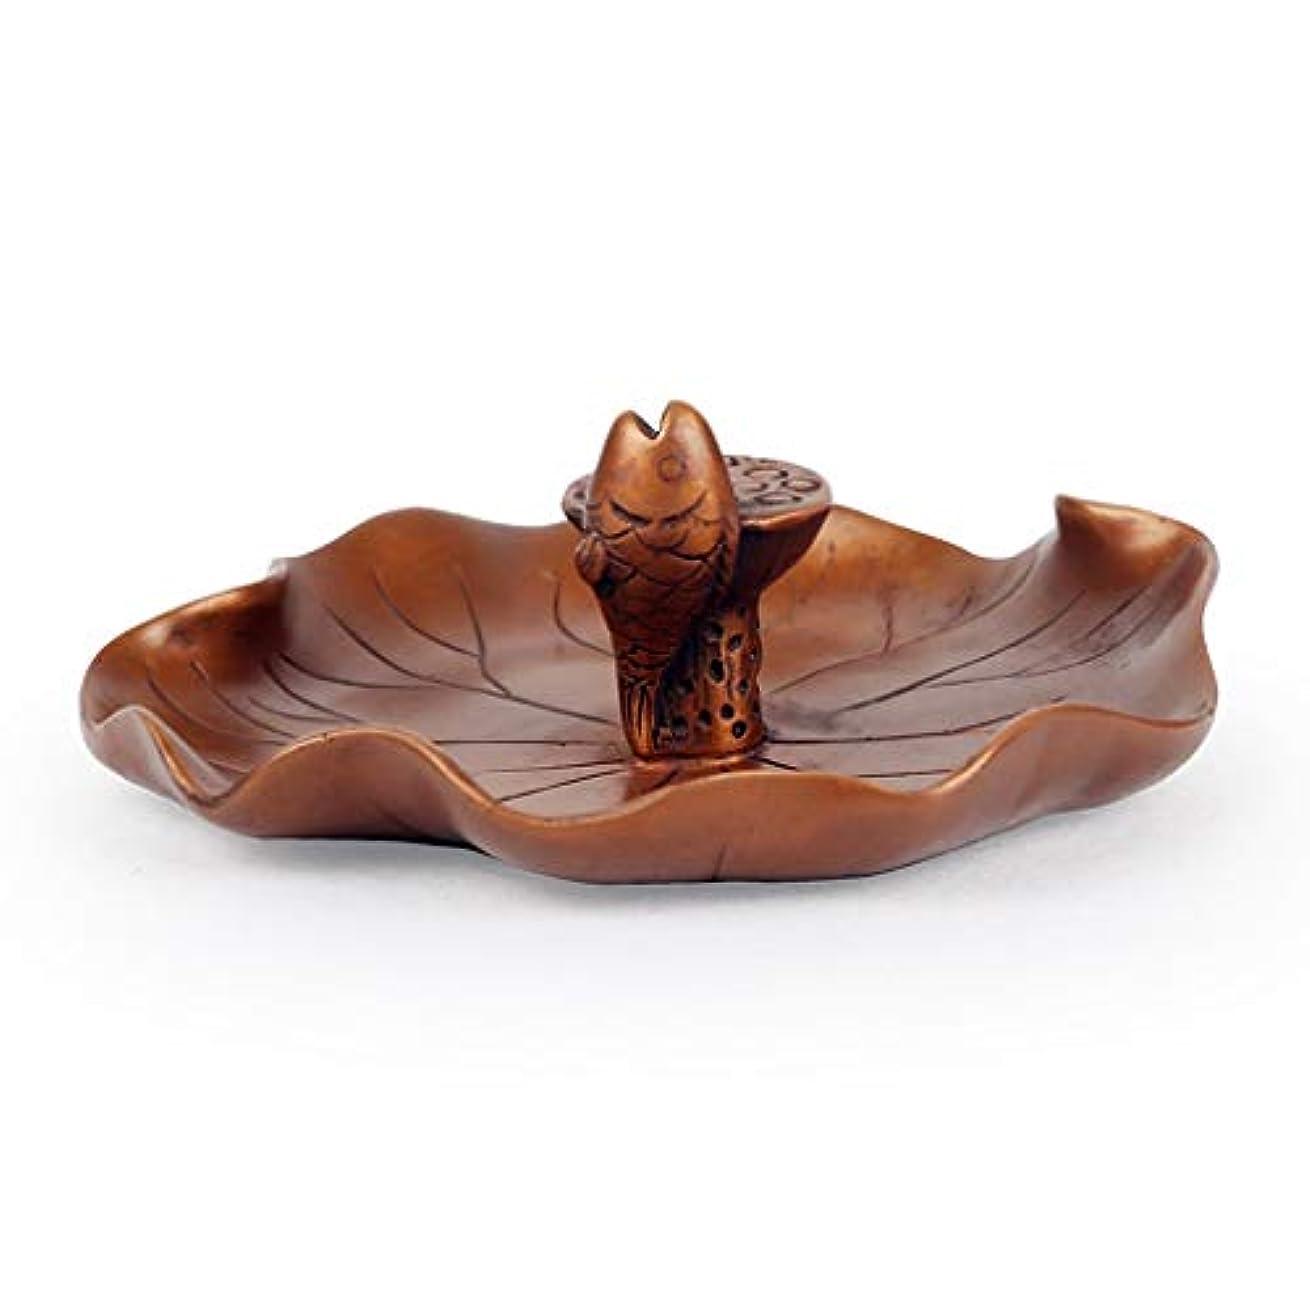 まぶしさどうしたの有名な芳香器?アロマバーナー 還流香炉ホーム香りの良い禅禅ラッキー鑑賞新しいクリエイティブアガーウッド香バーナー装飾 芳香器?アロマバーナー (Color : Brass)